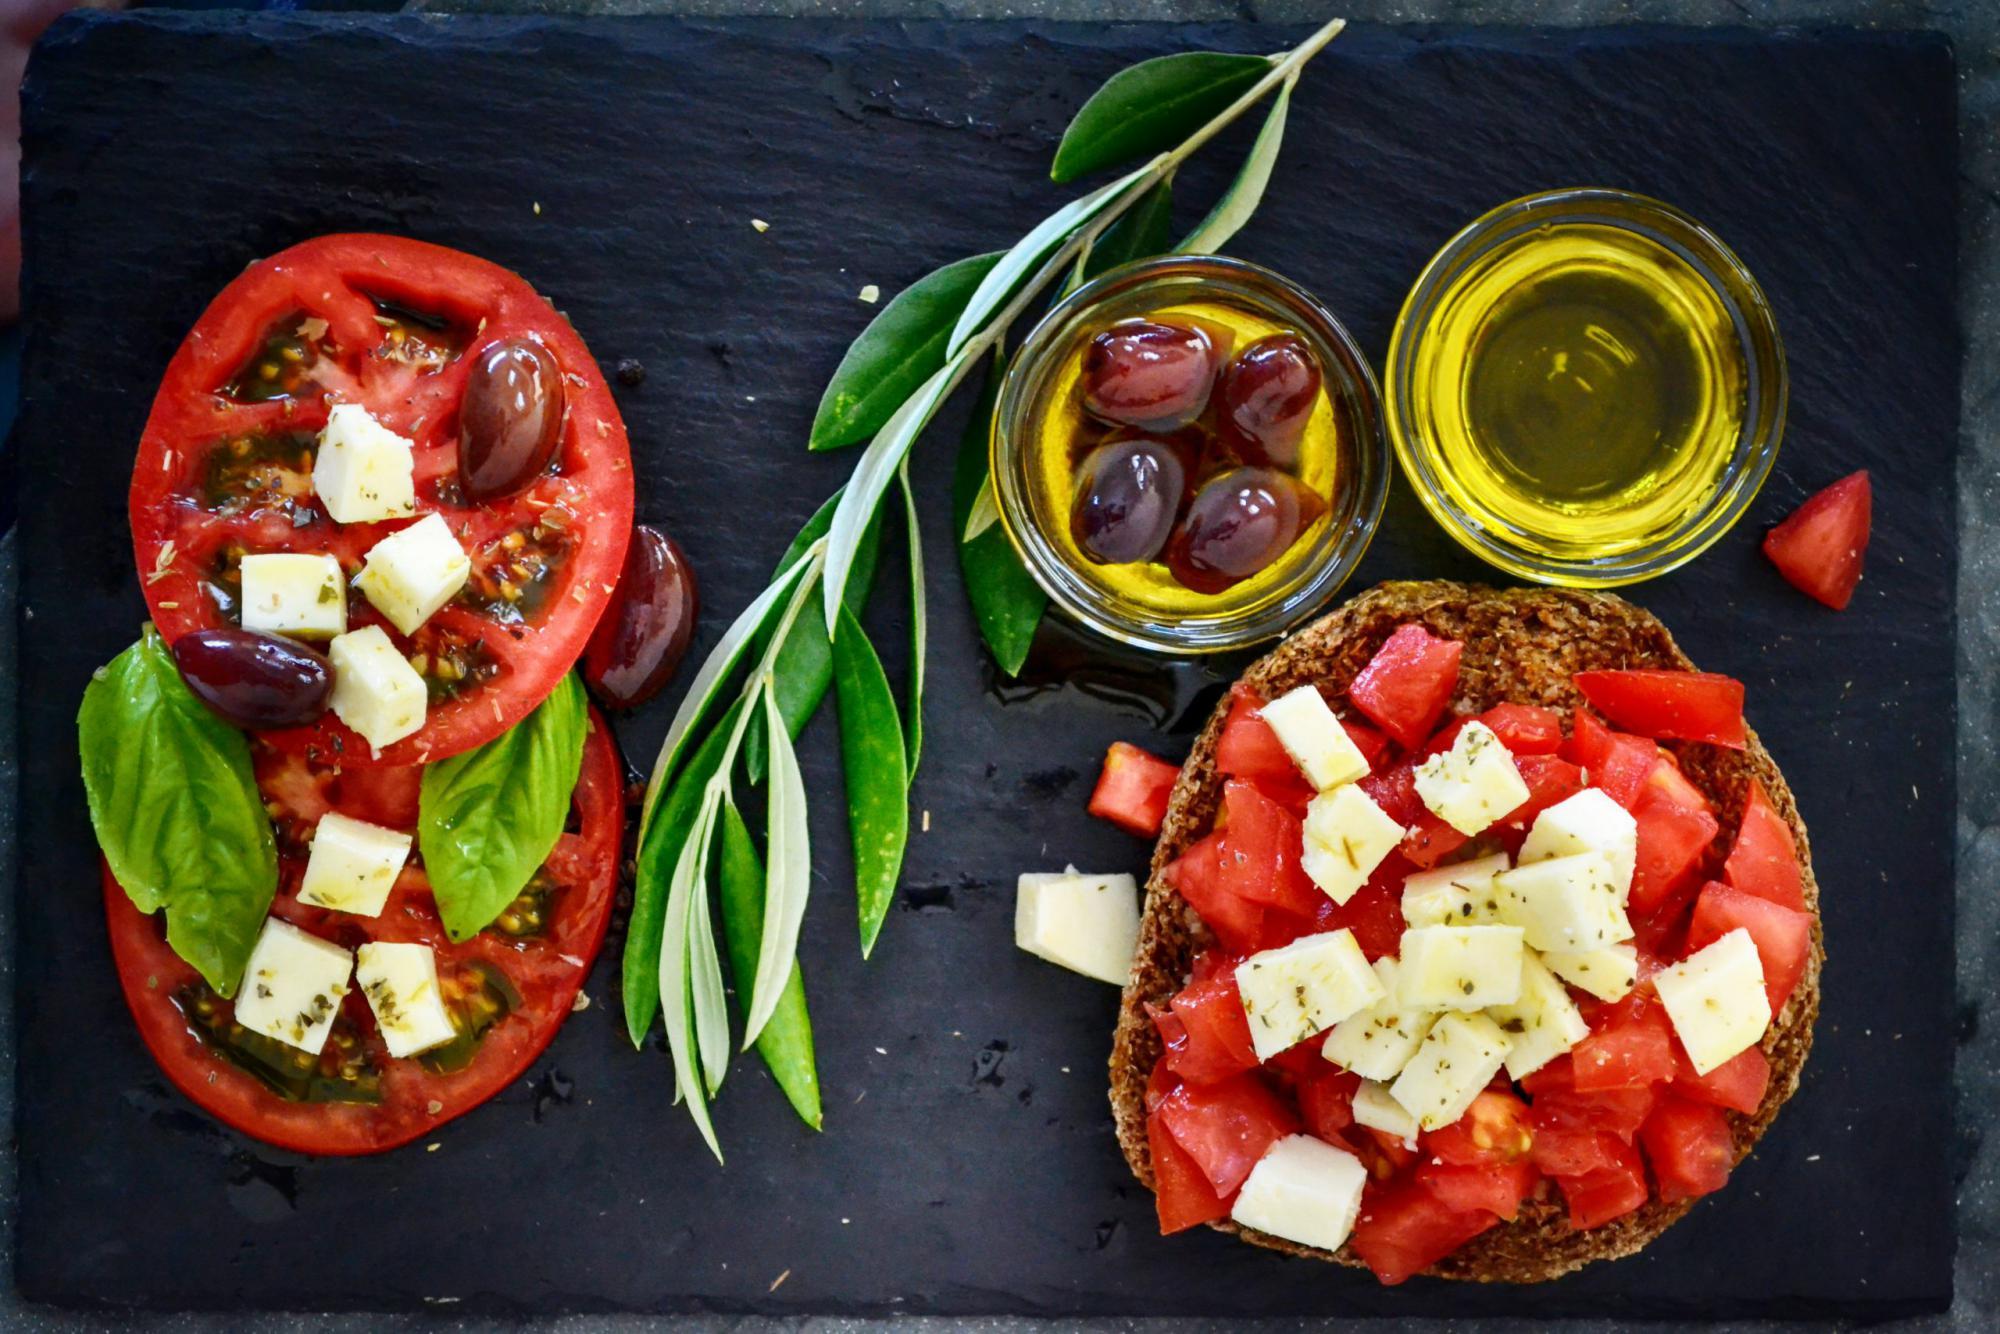 トマトとチーズとオリーブの盛り合わせ